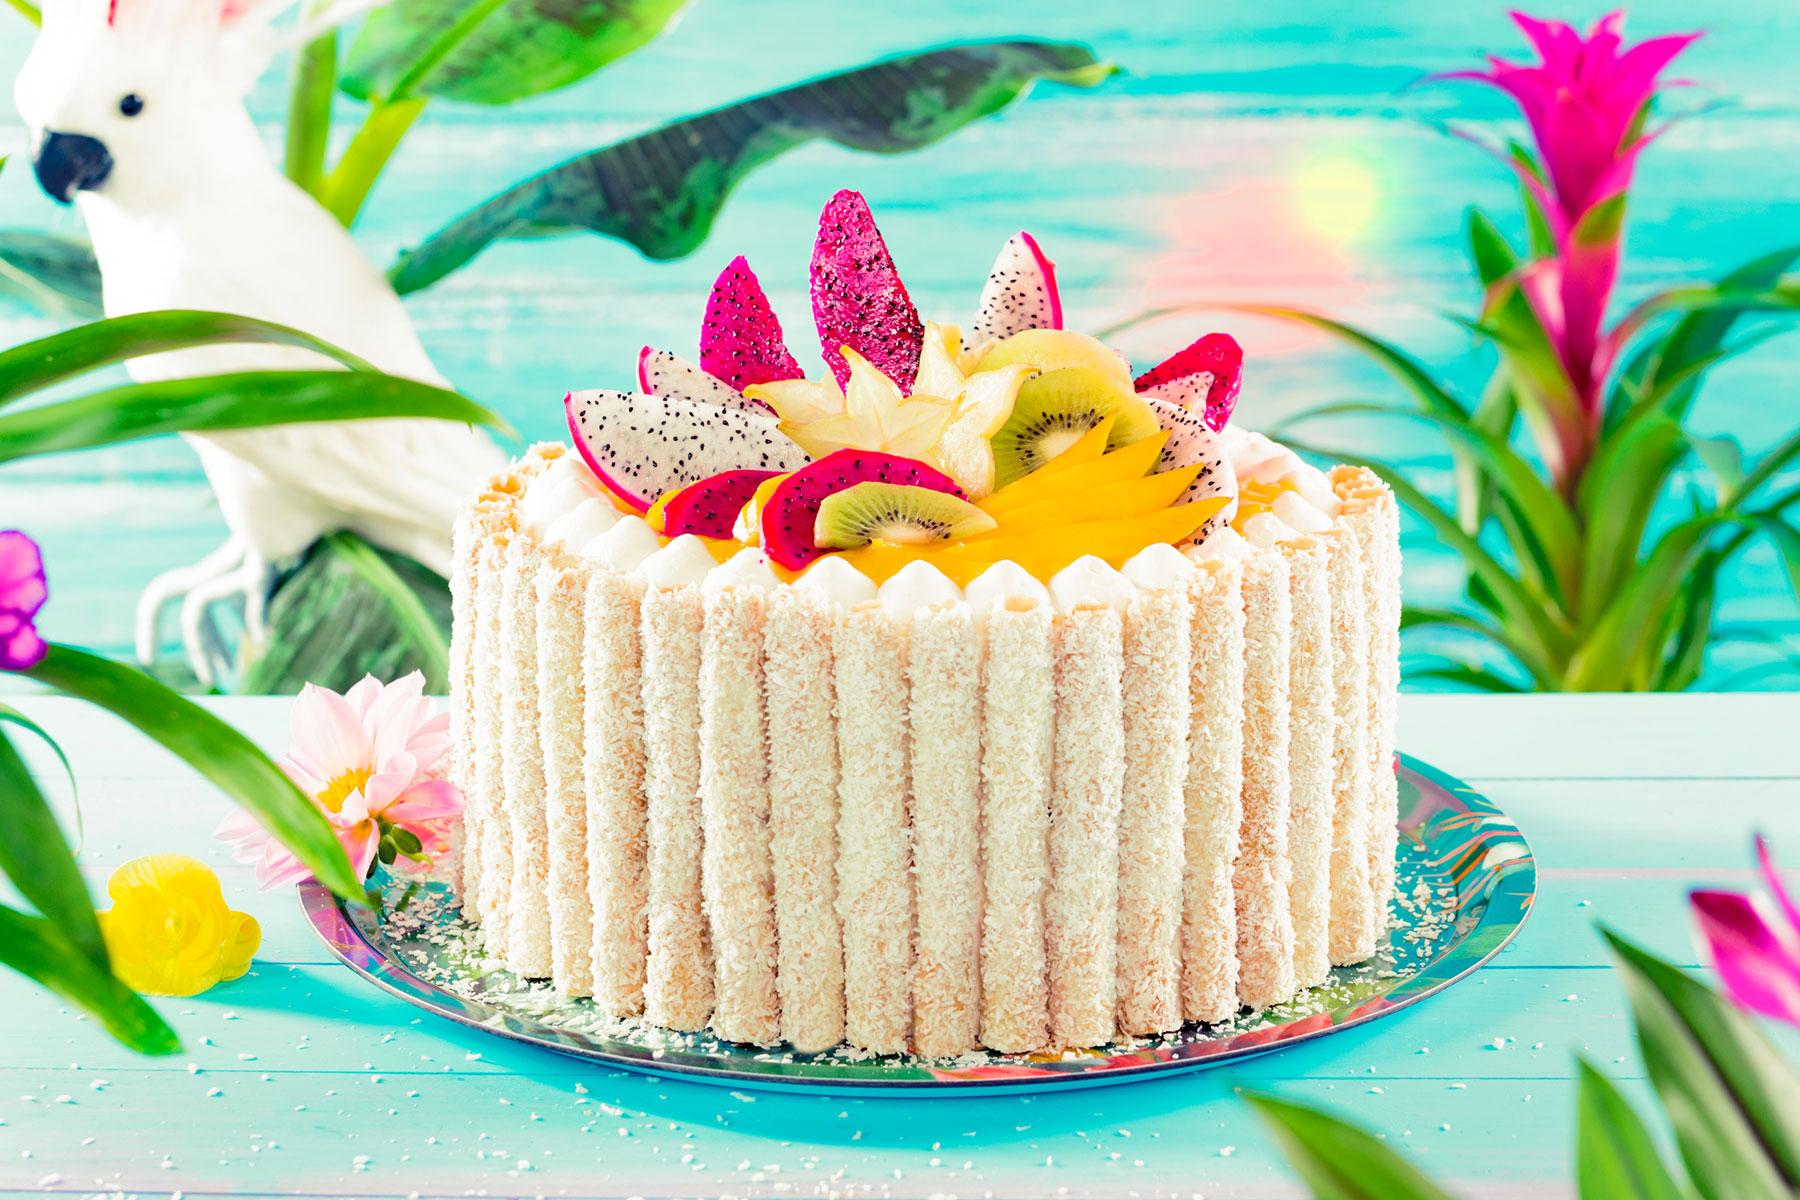 Rezept und Ideen für Kokostorte mit Keksröllchen und Früchten